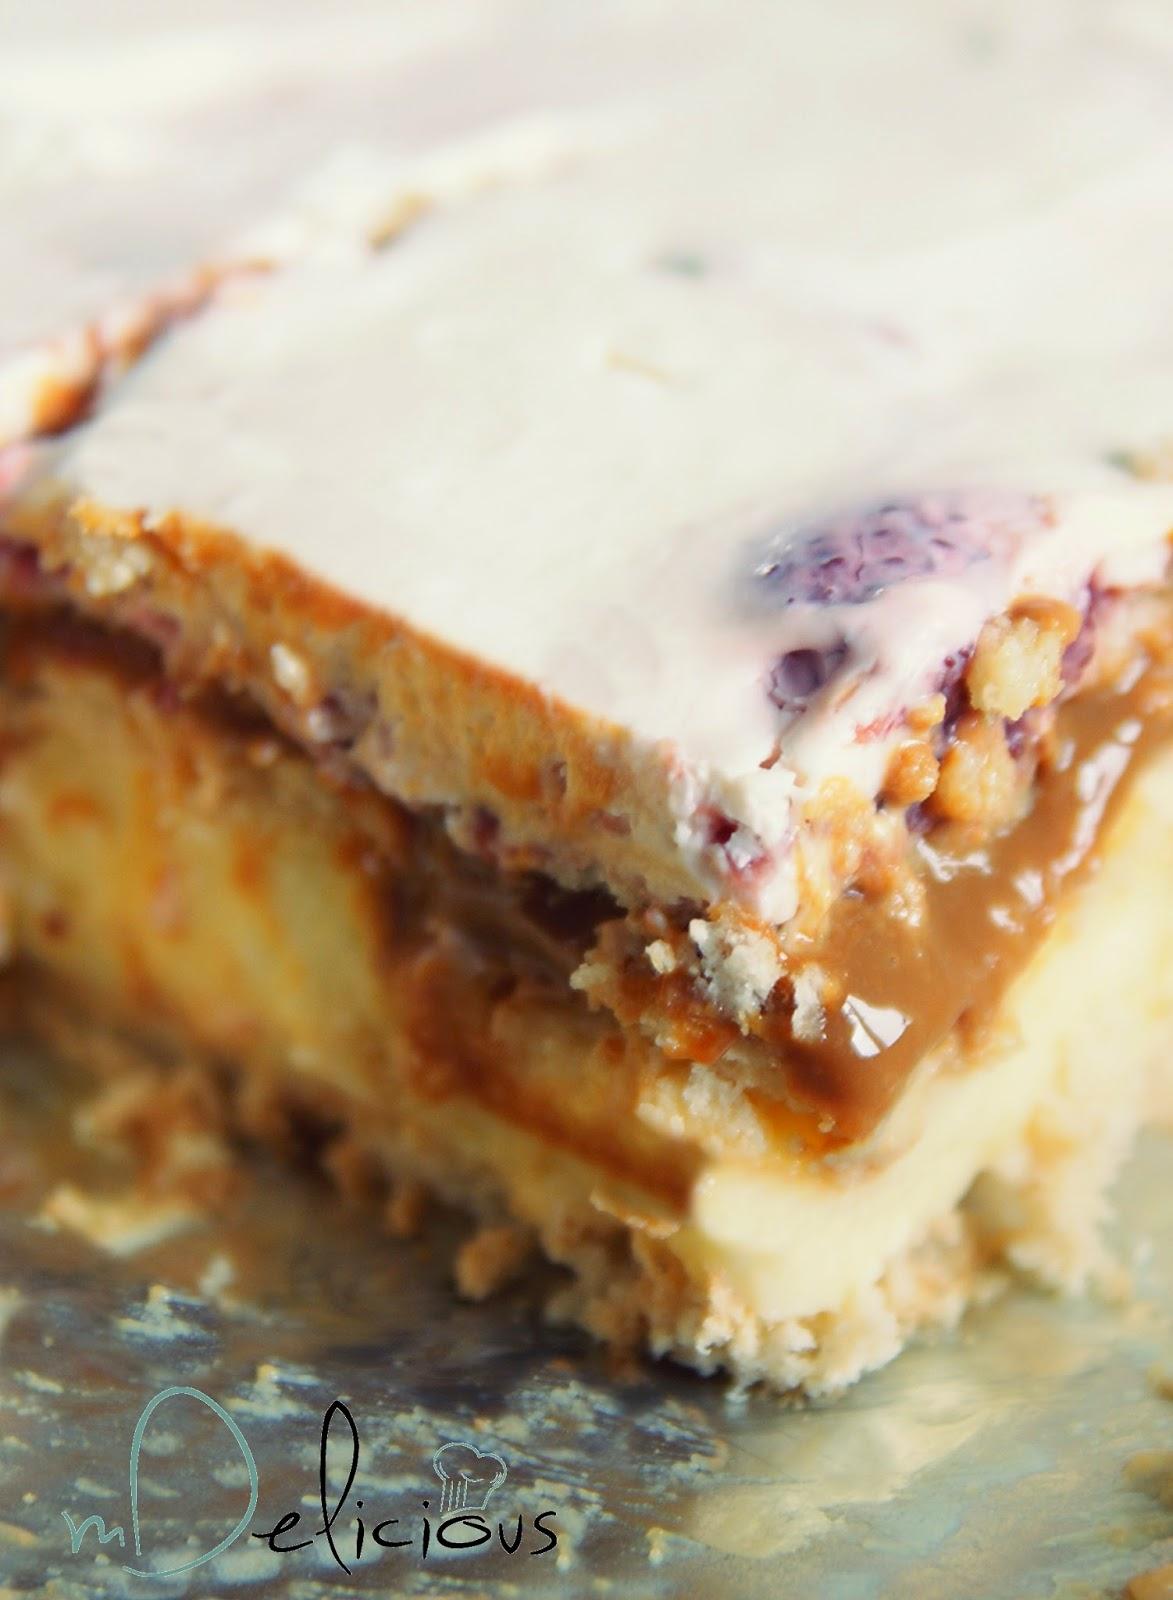 kajmak przepis, ciasto kajmakowe, masa krówkowa, ciasto krówka, ciasto z krówką, przepis bez pieczenia